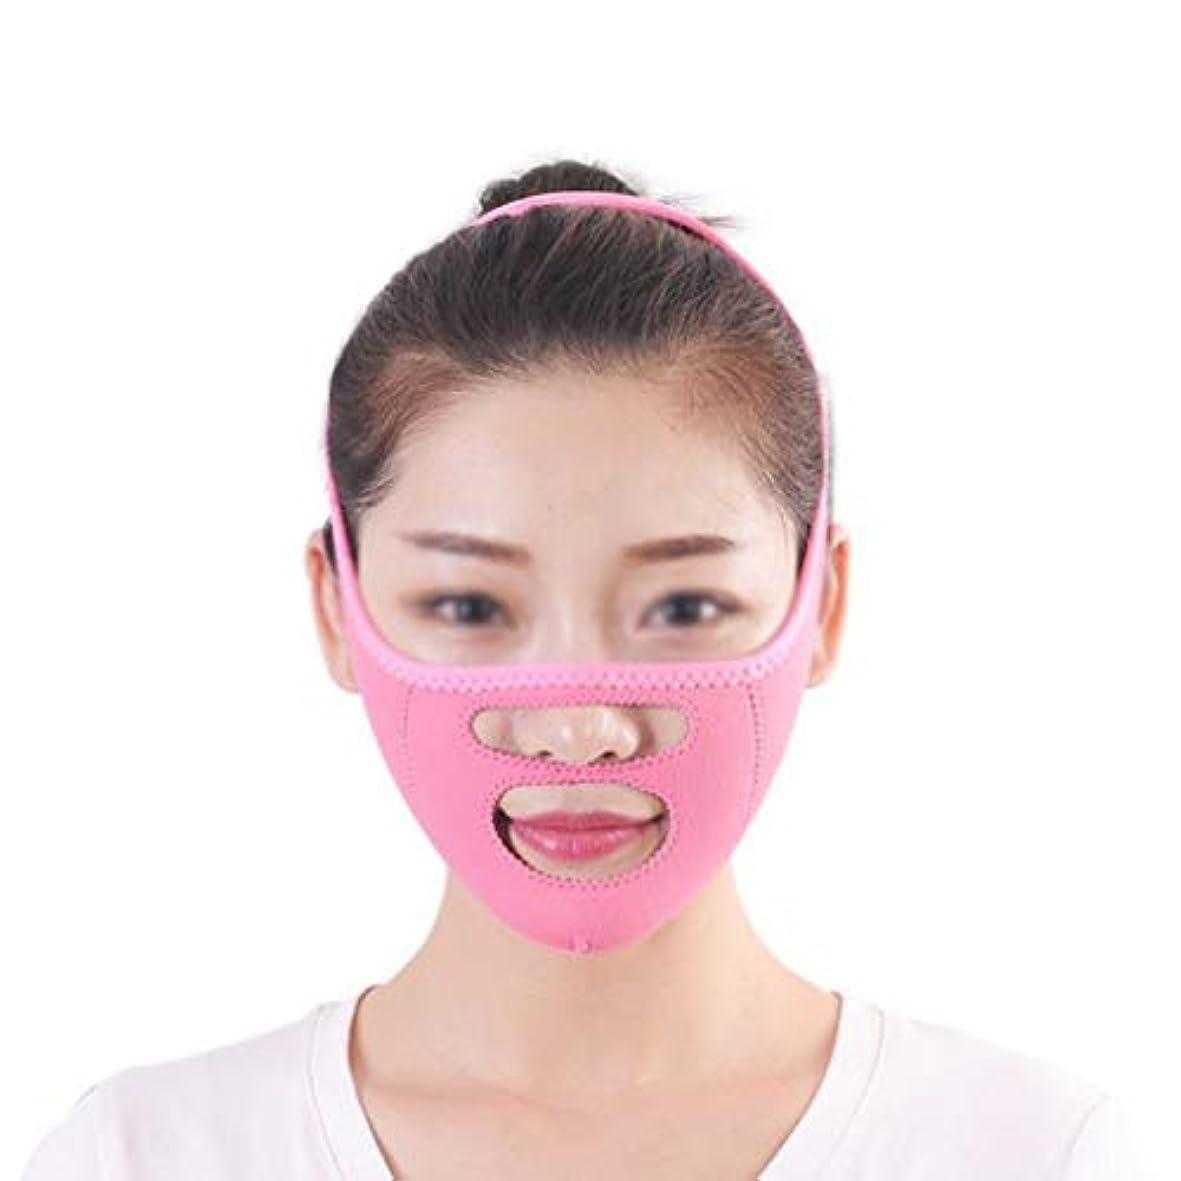 町フォルダリーチZWBD フェイスマスク, 薄い顔のアーティファクト包帯Vの顔薄い咬筋補正Vの顔のアーティファクトを整形して、身体の健康の引き締めを改善する